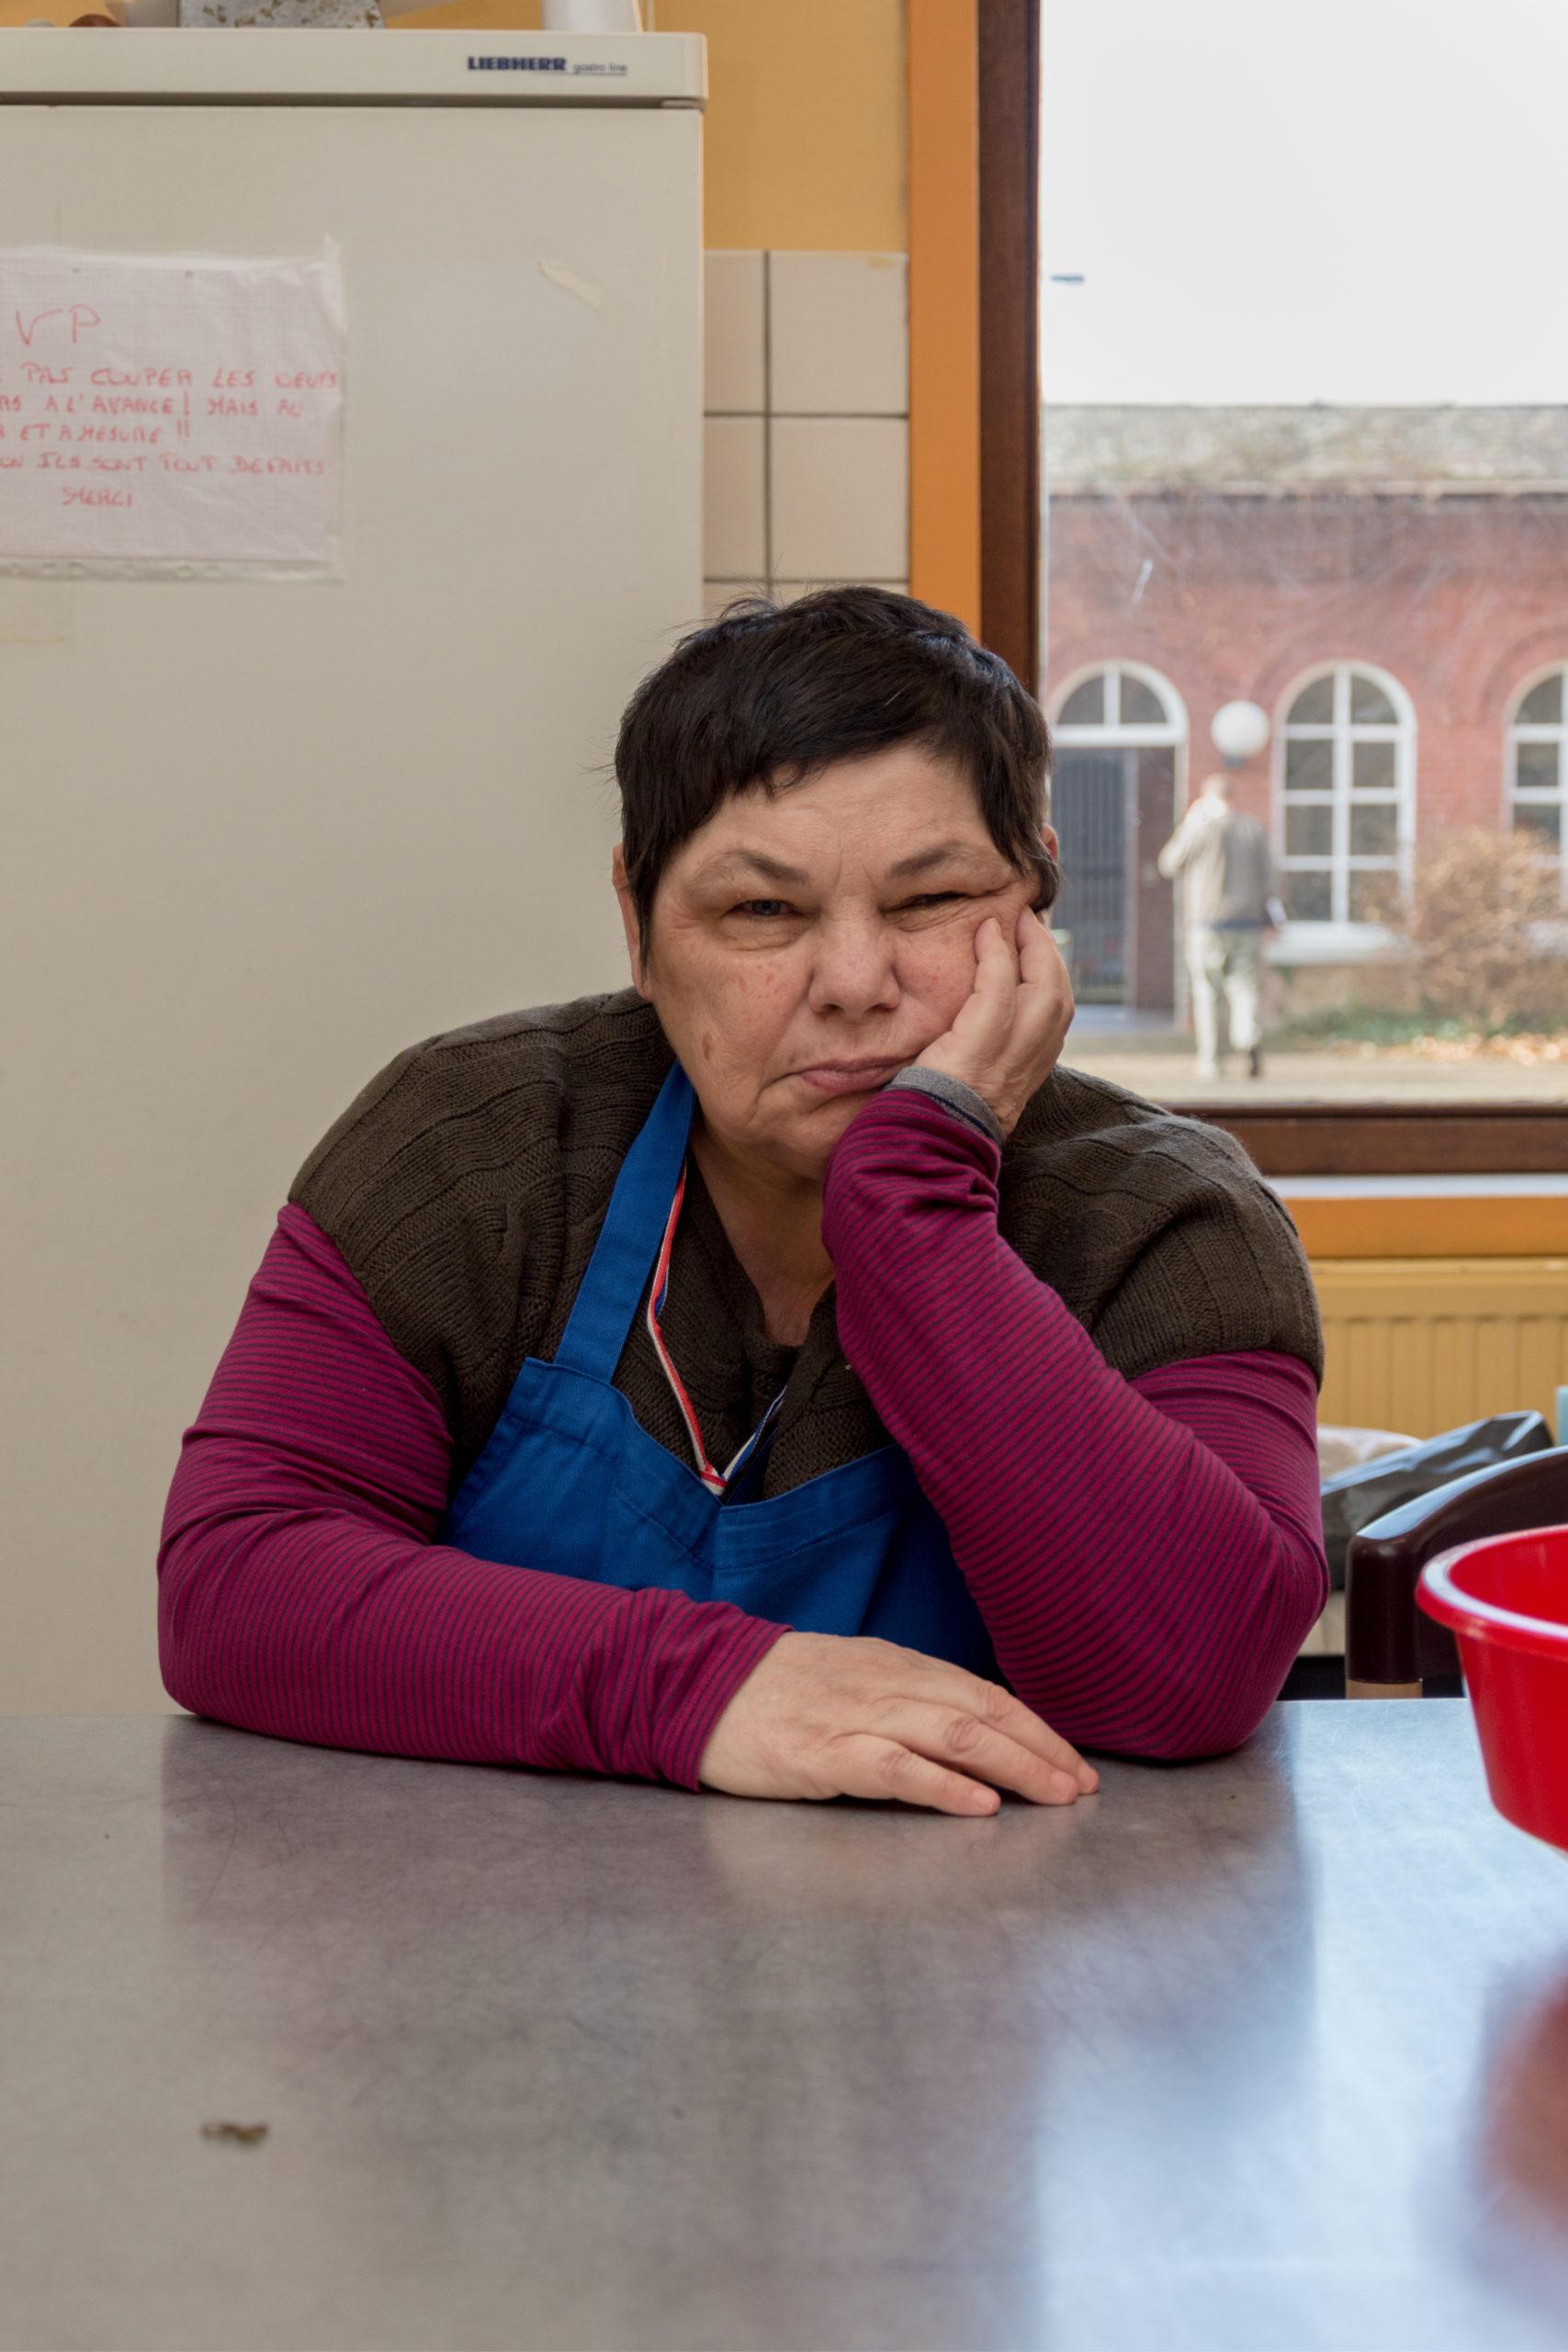 Dame handicapée dans une cuisine, assise à une table et tenant sa tête avec sa main gauche